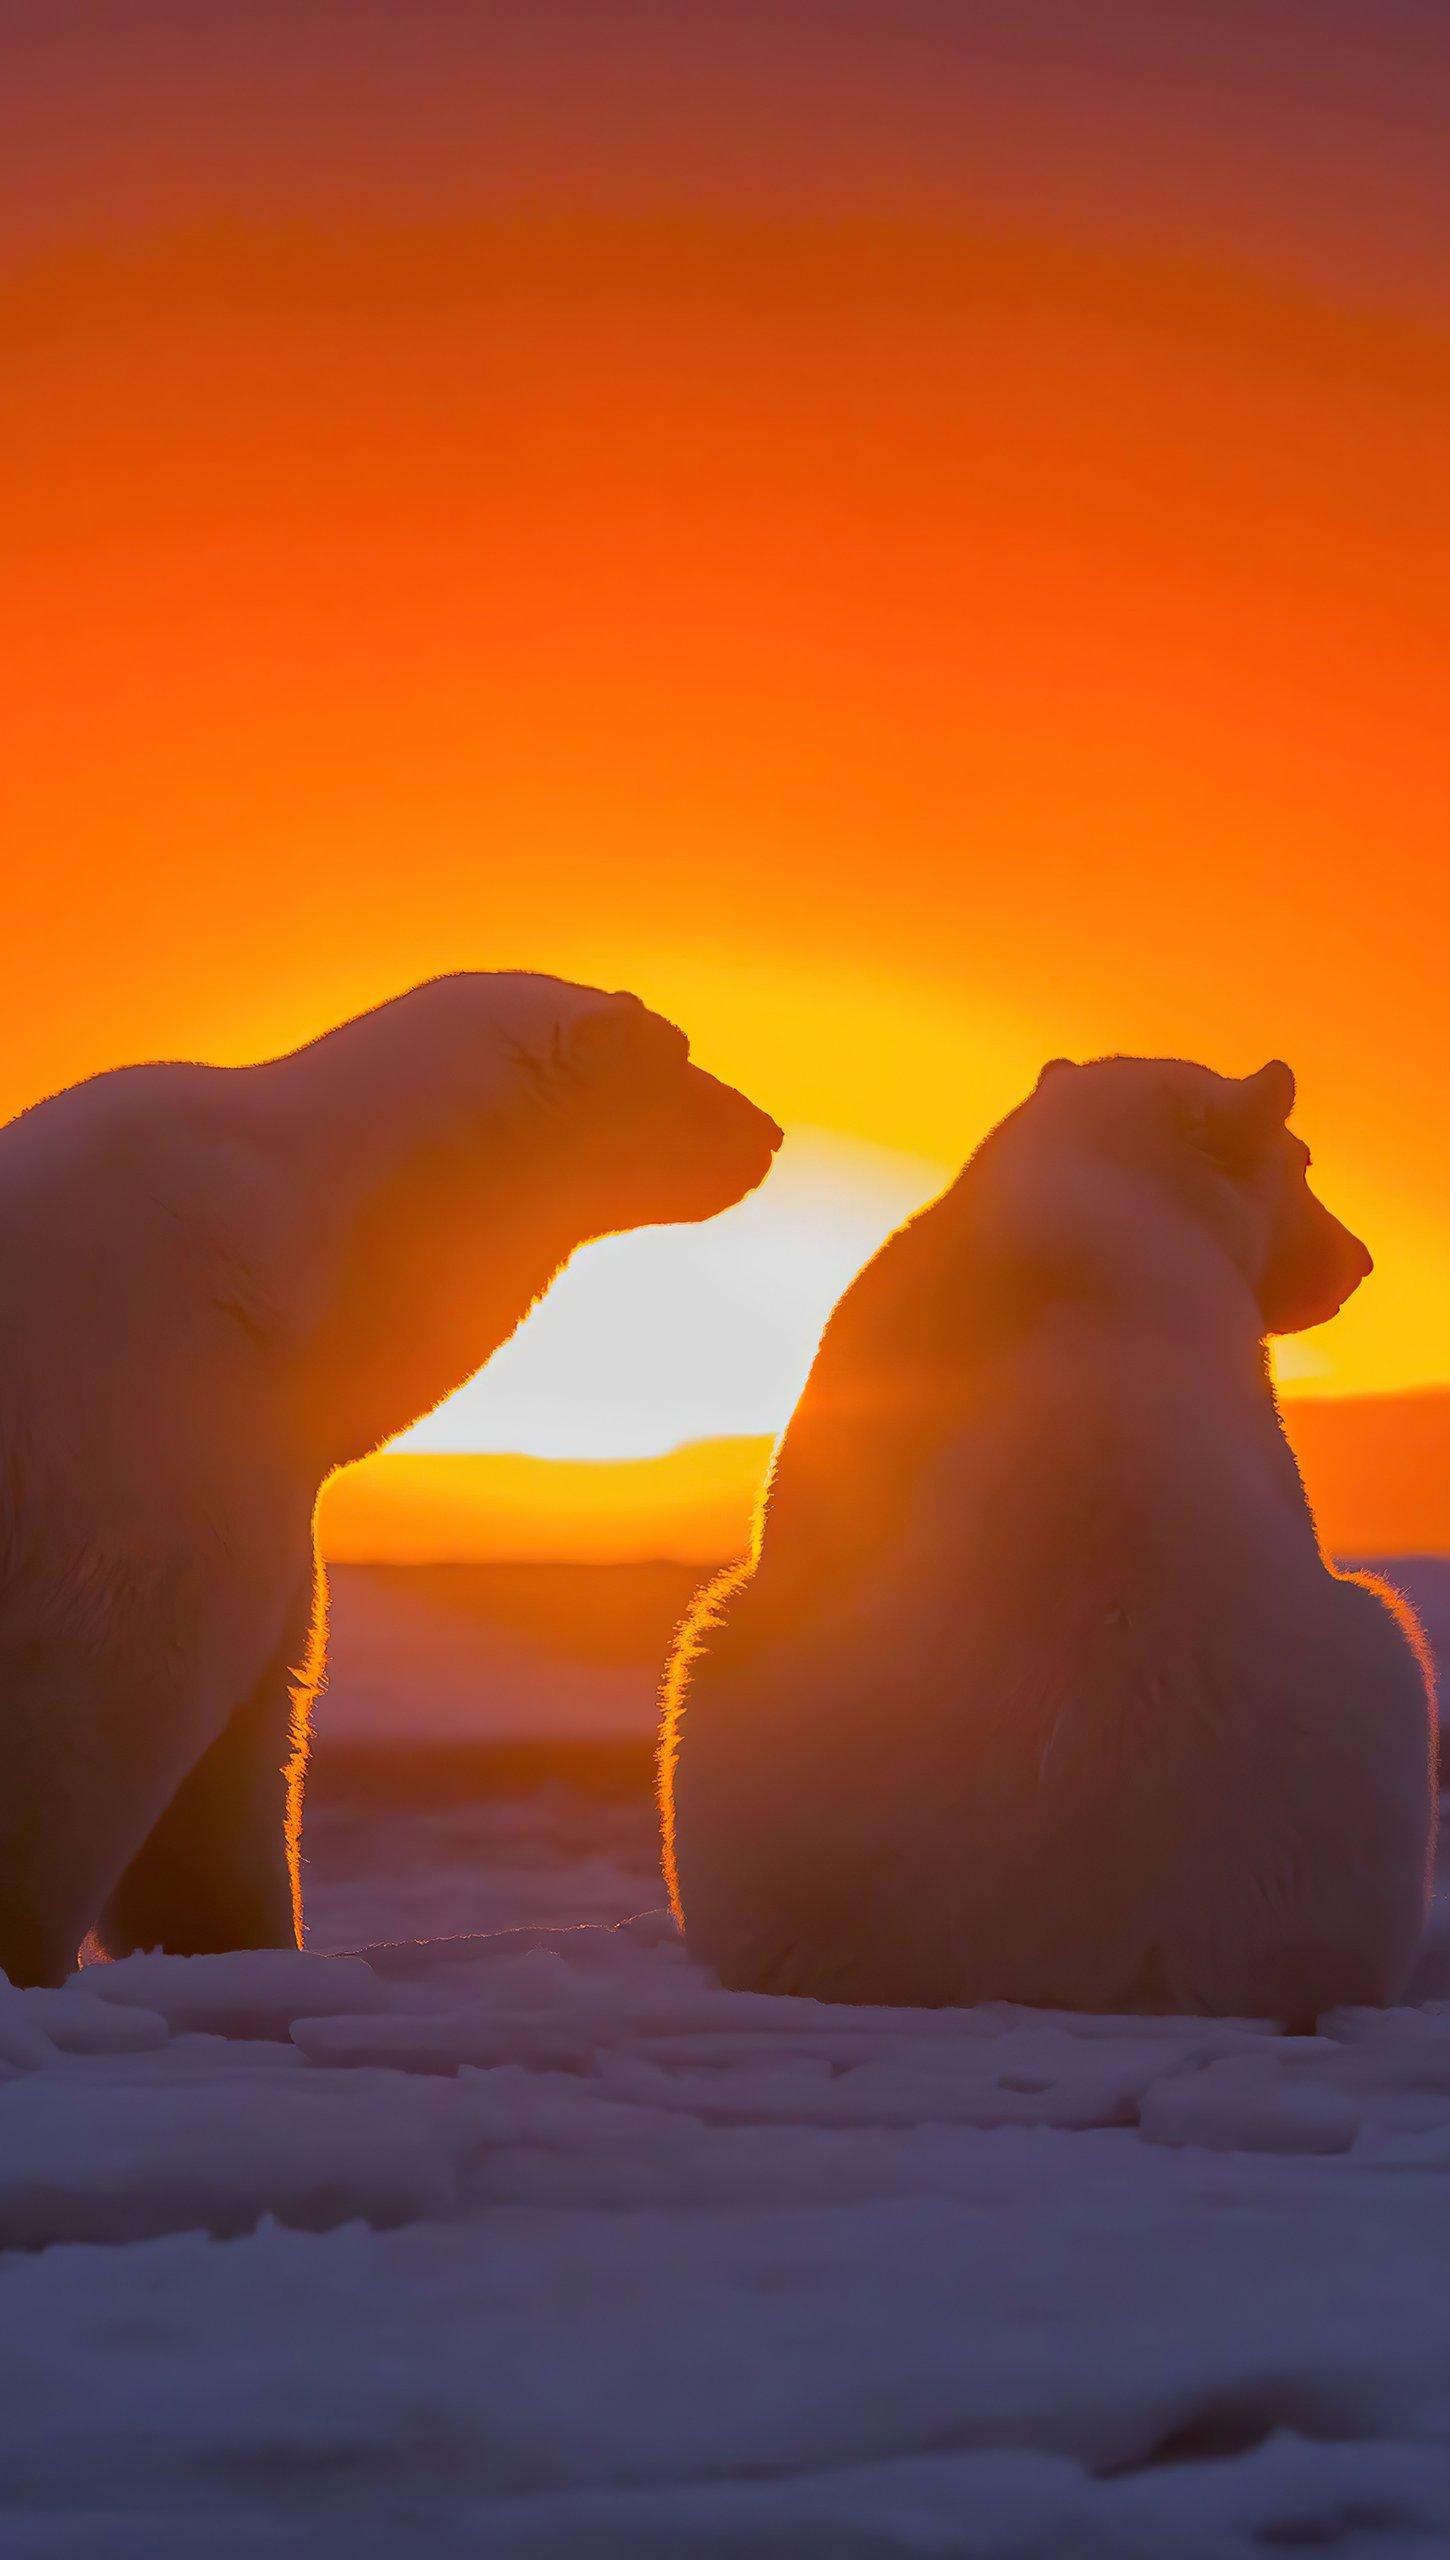 Fondos de pantalla Dos osos polares viendo el atardecer Vertical